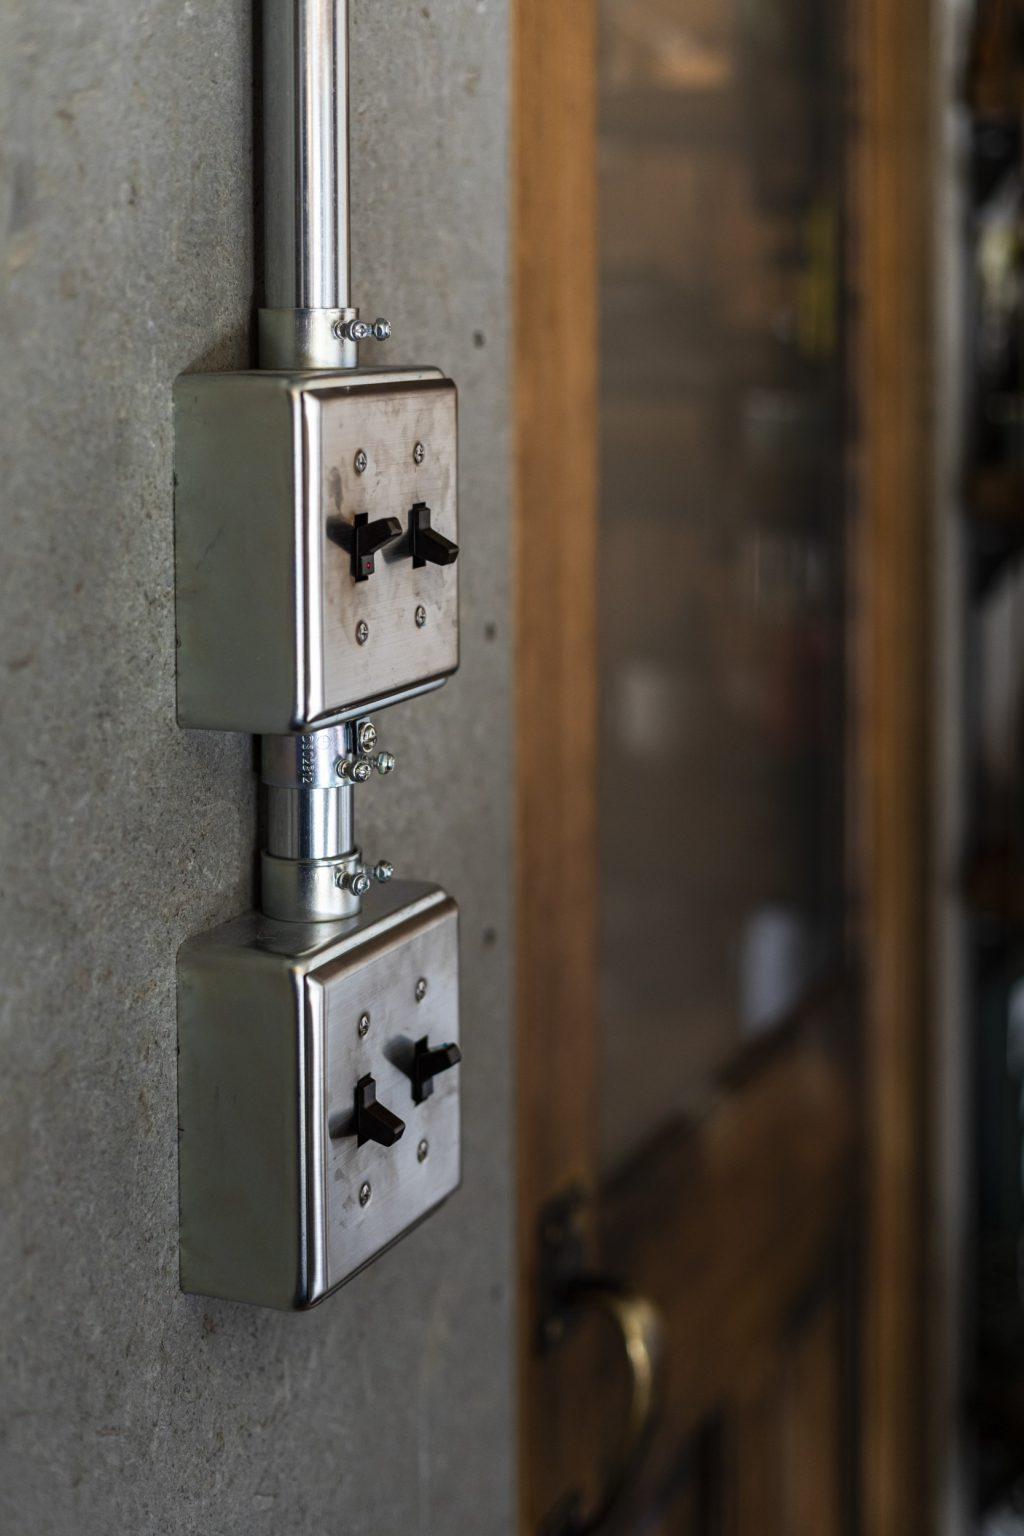 岐阜県土岐市戸建てリノベーション事例の木質合板と露出アメリカンスイッチ